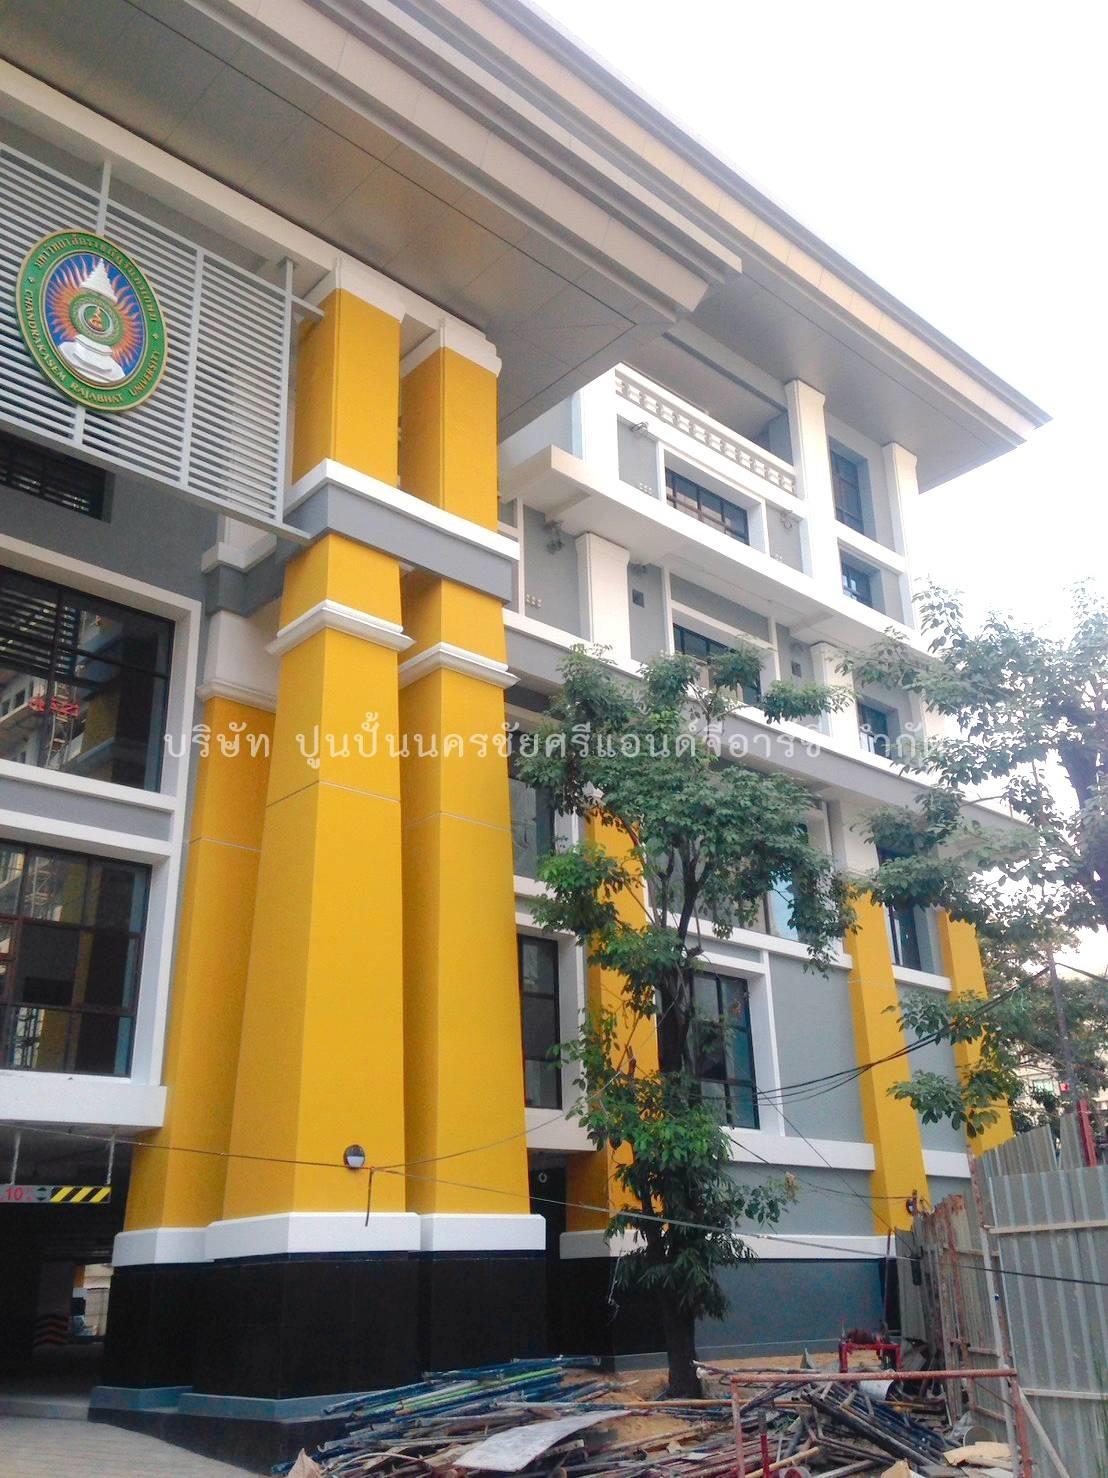 โครงการ อาคารเอนกประสงค์และหอประชุมมหาวิทยาลัยราชภัฎจันทรเกษม